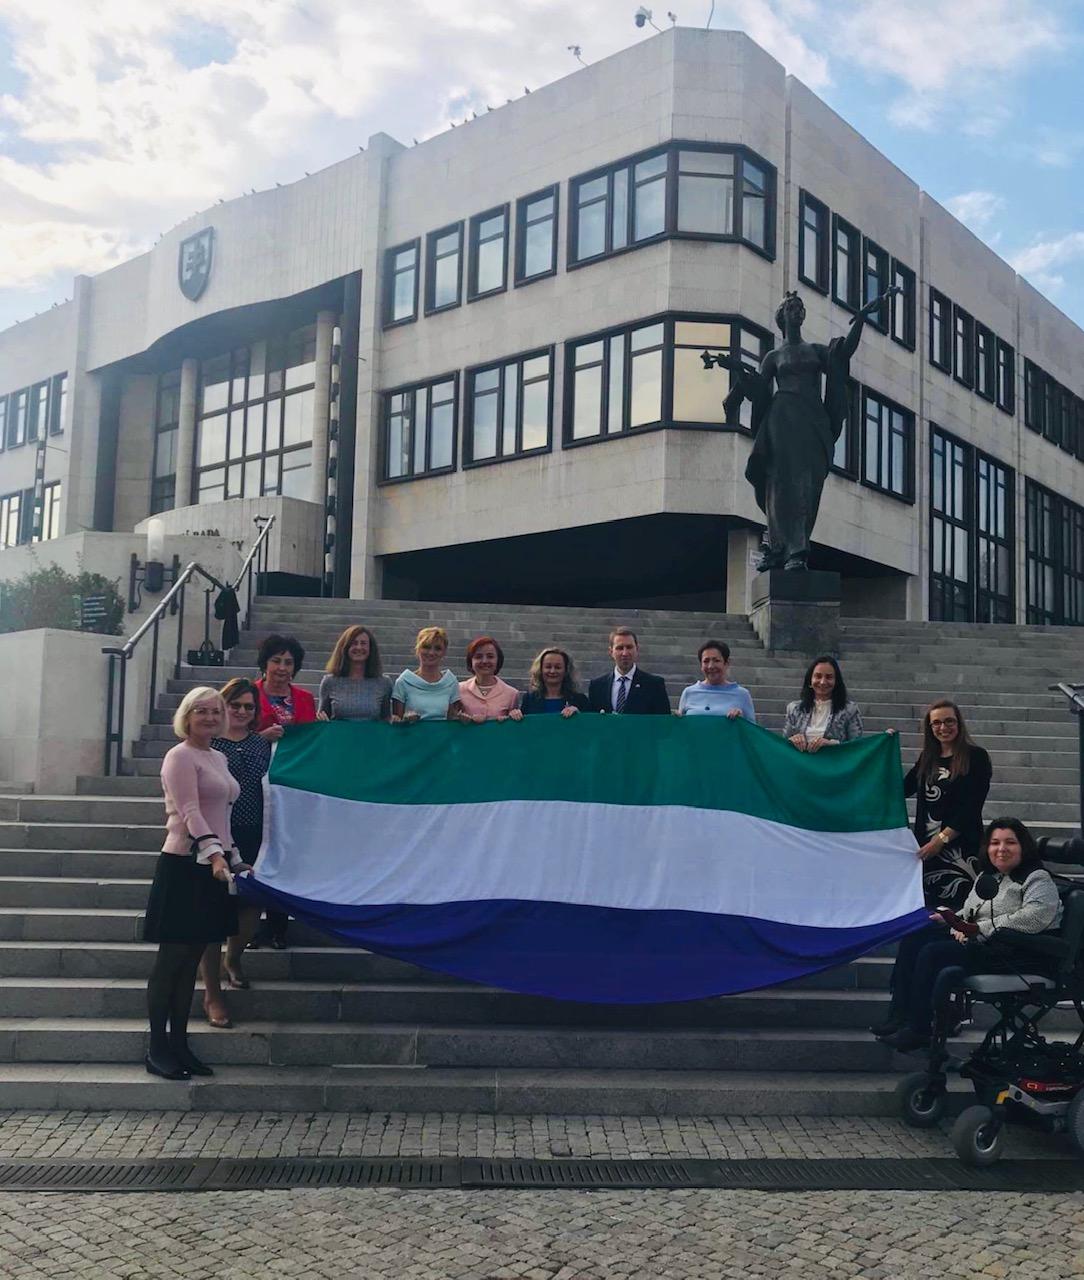 S vlajkou sufražetiek, žien, ktoré v minulosti započali hnutie pre rovné práva žien, foto: archív SP